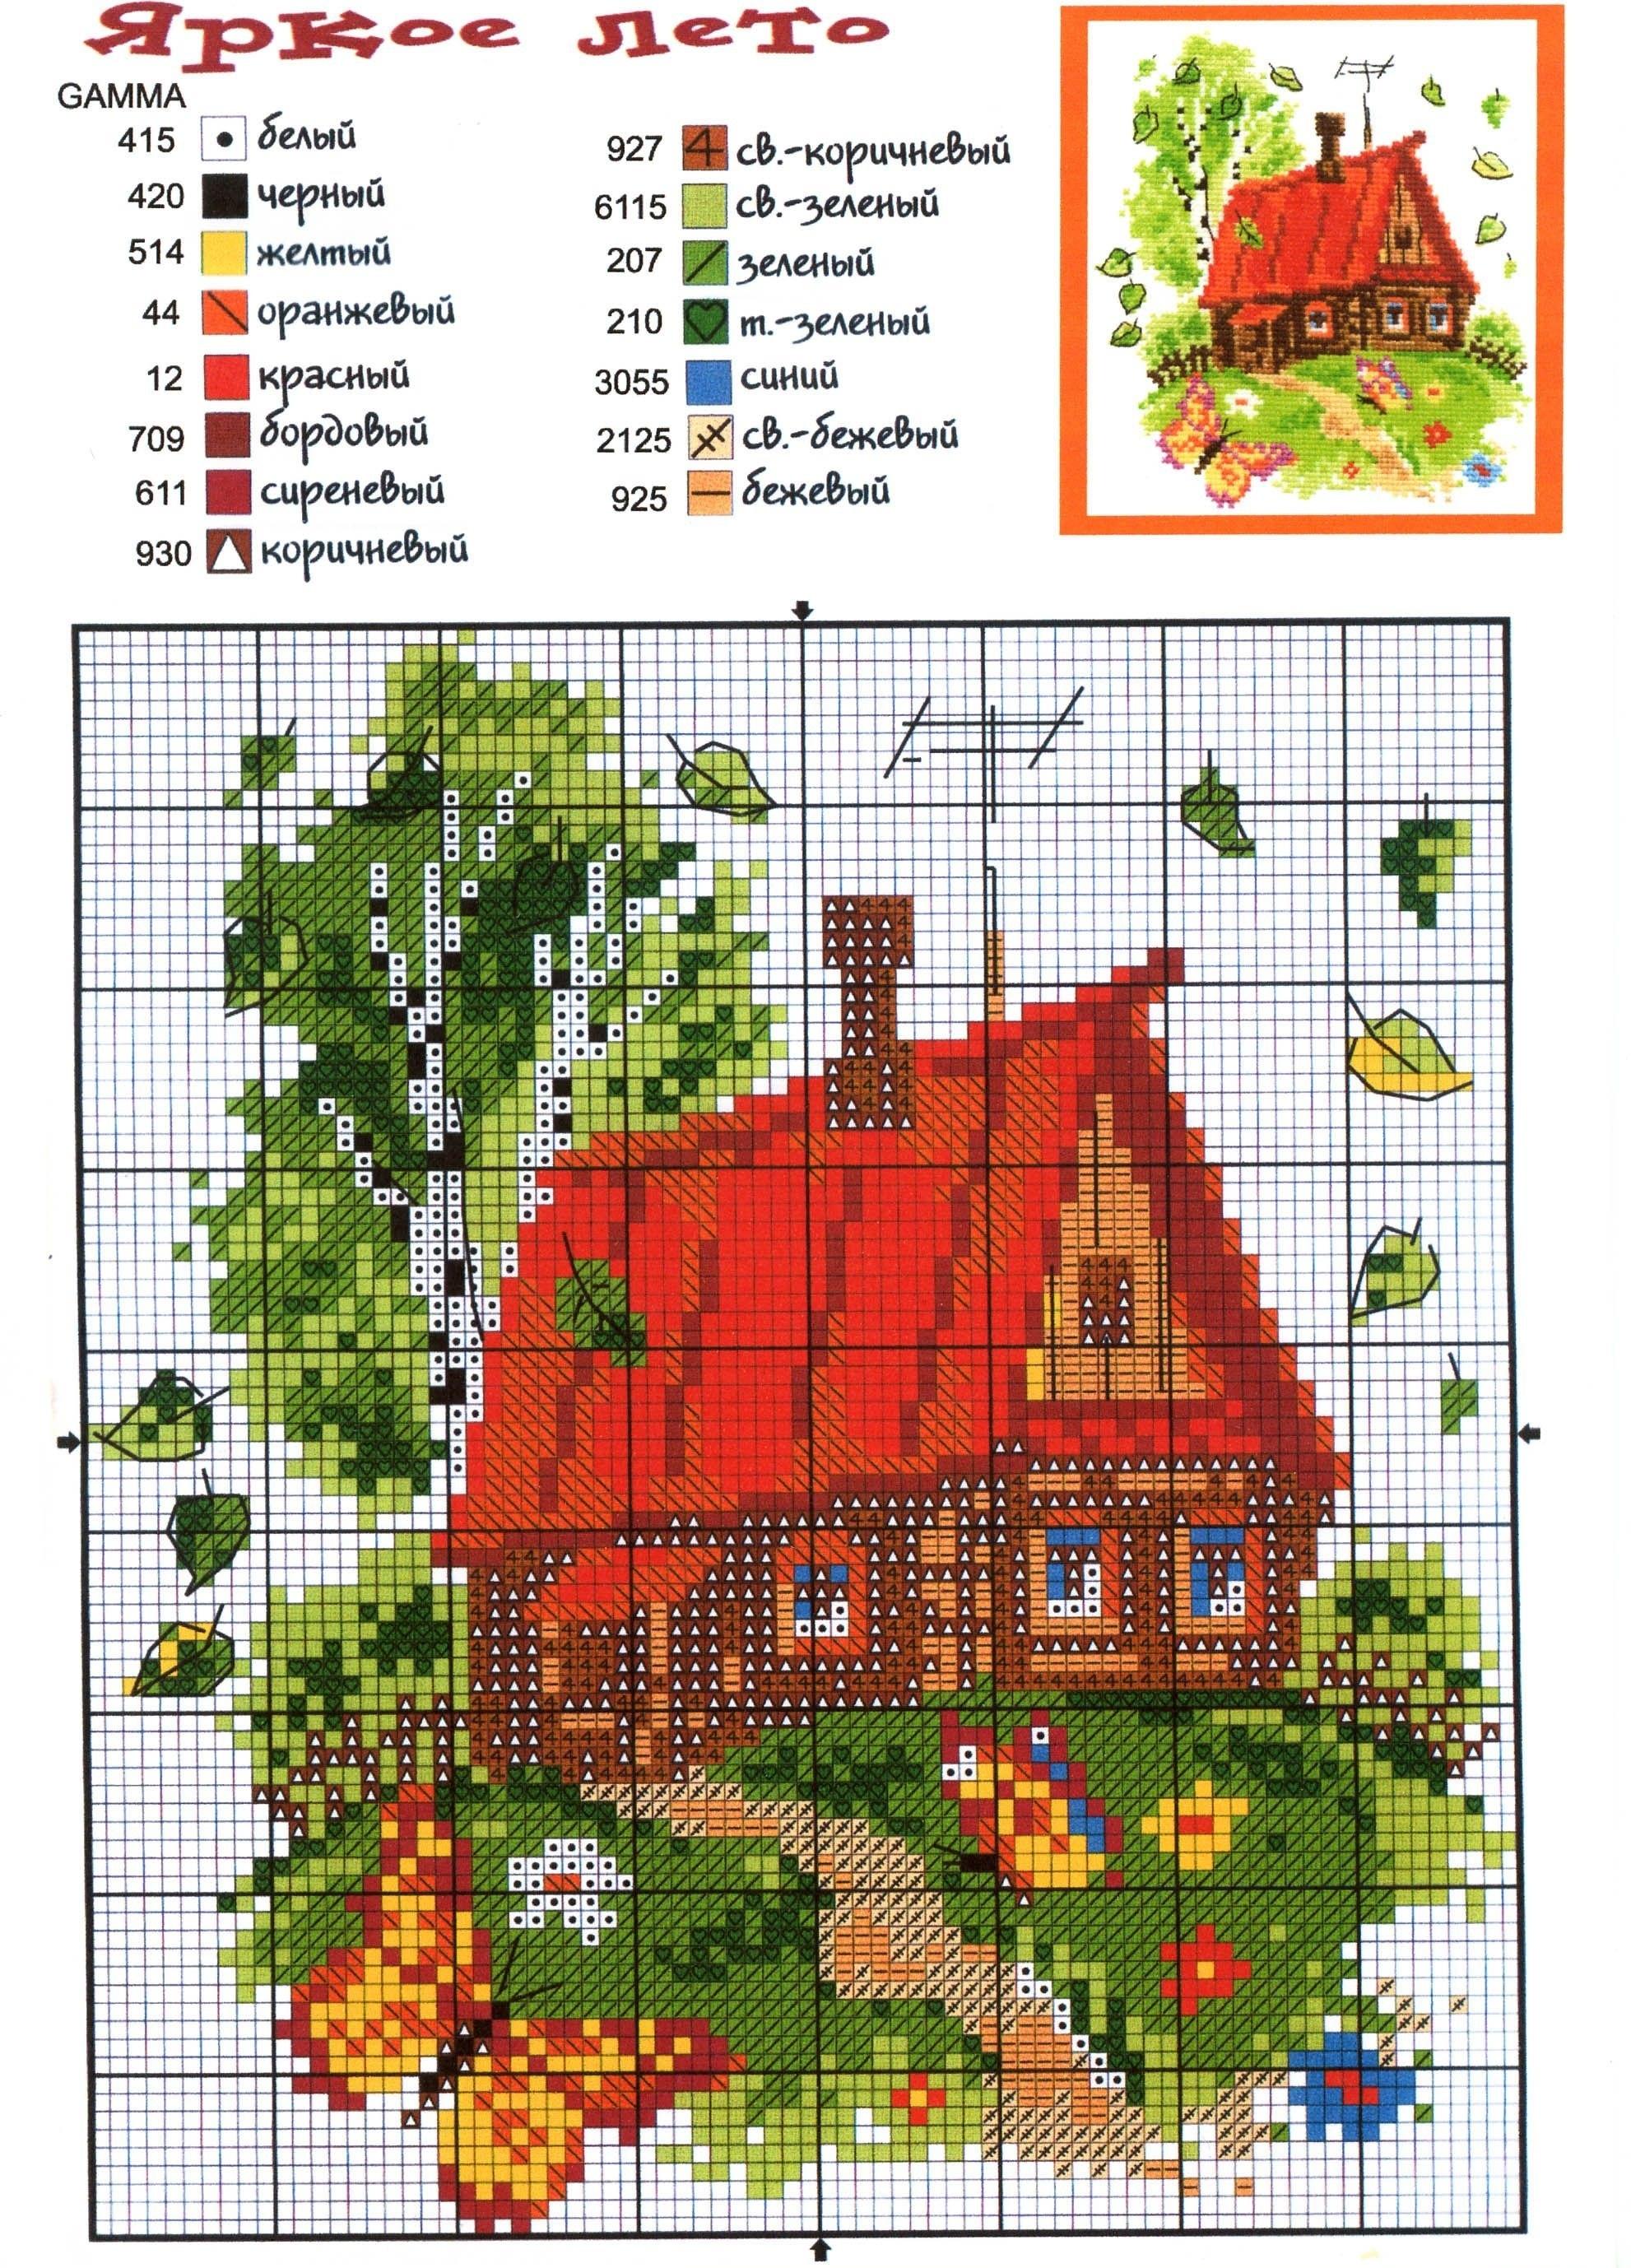 Дом для вышивки схема 41